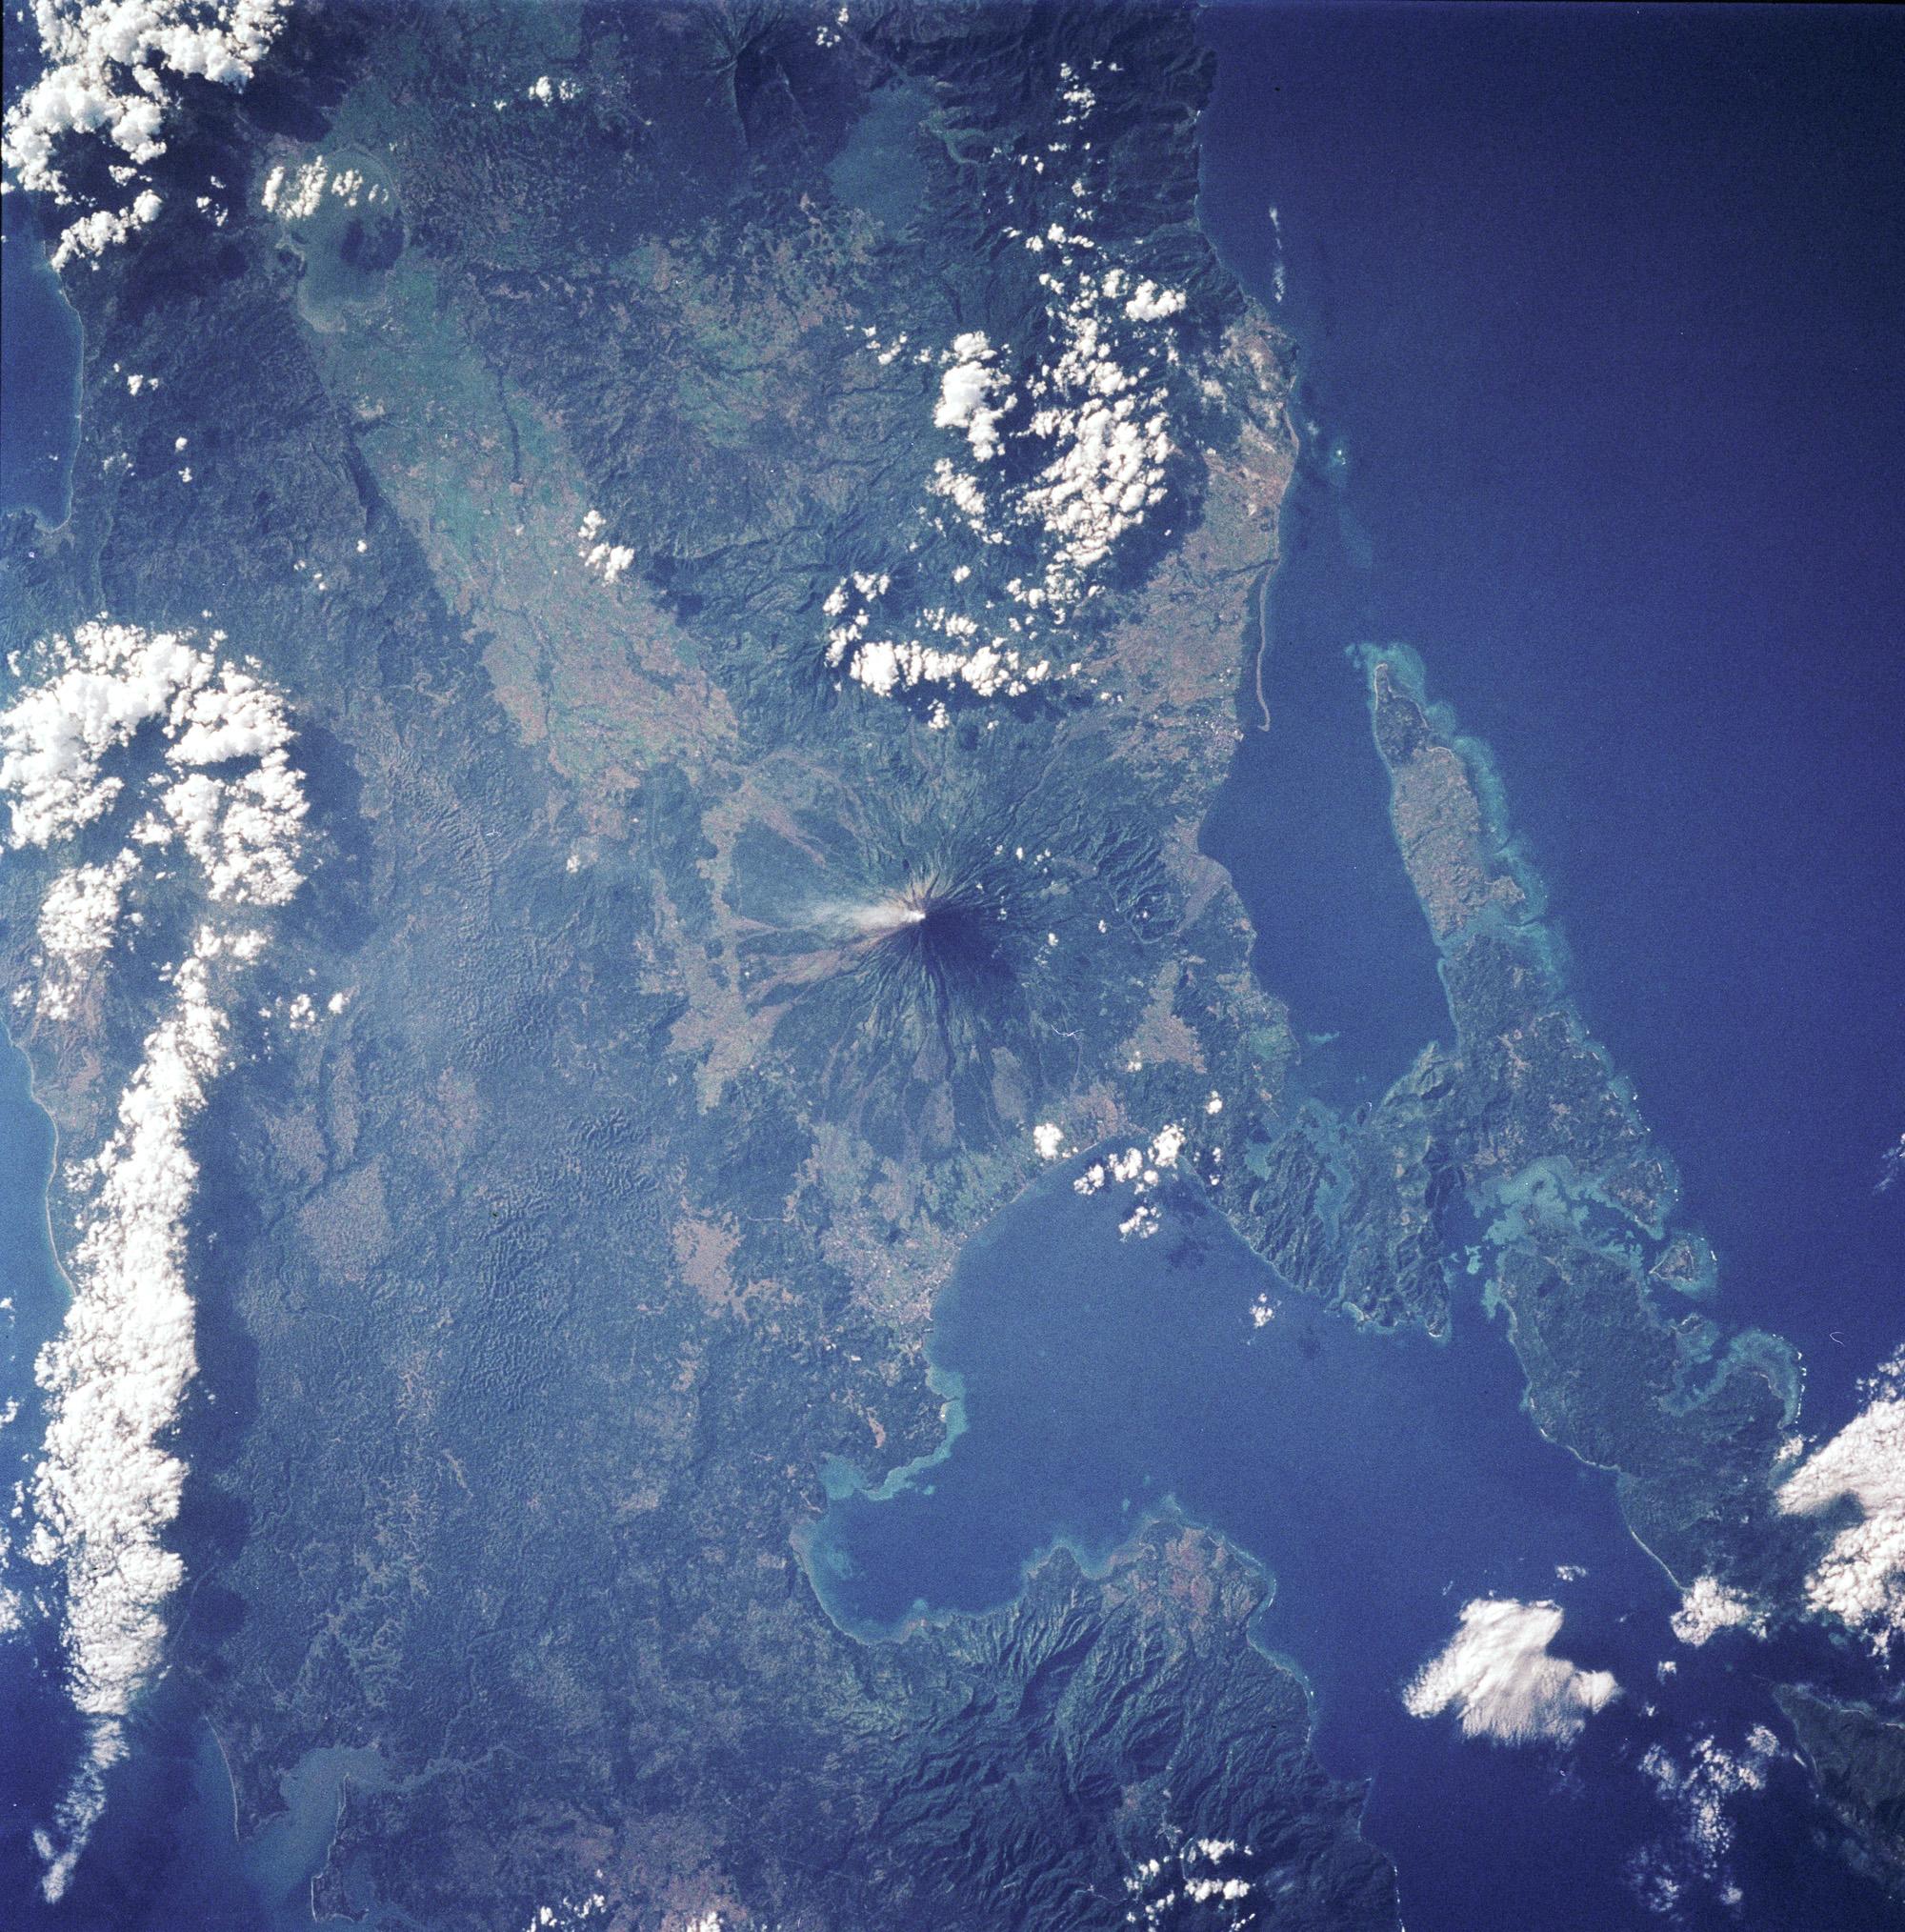 Volcán Mayon, sureste de Luzón, Filipinas